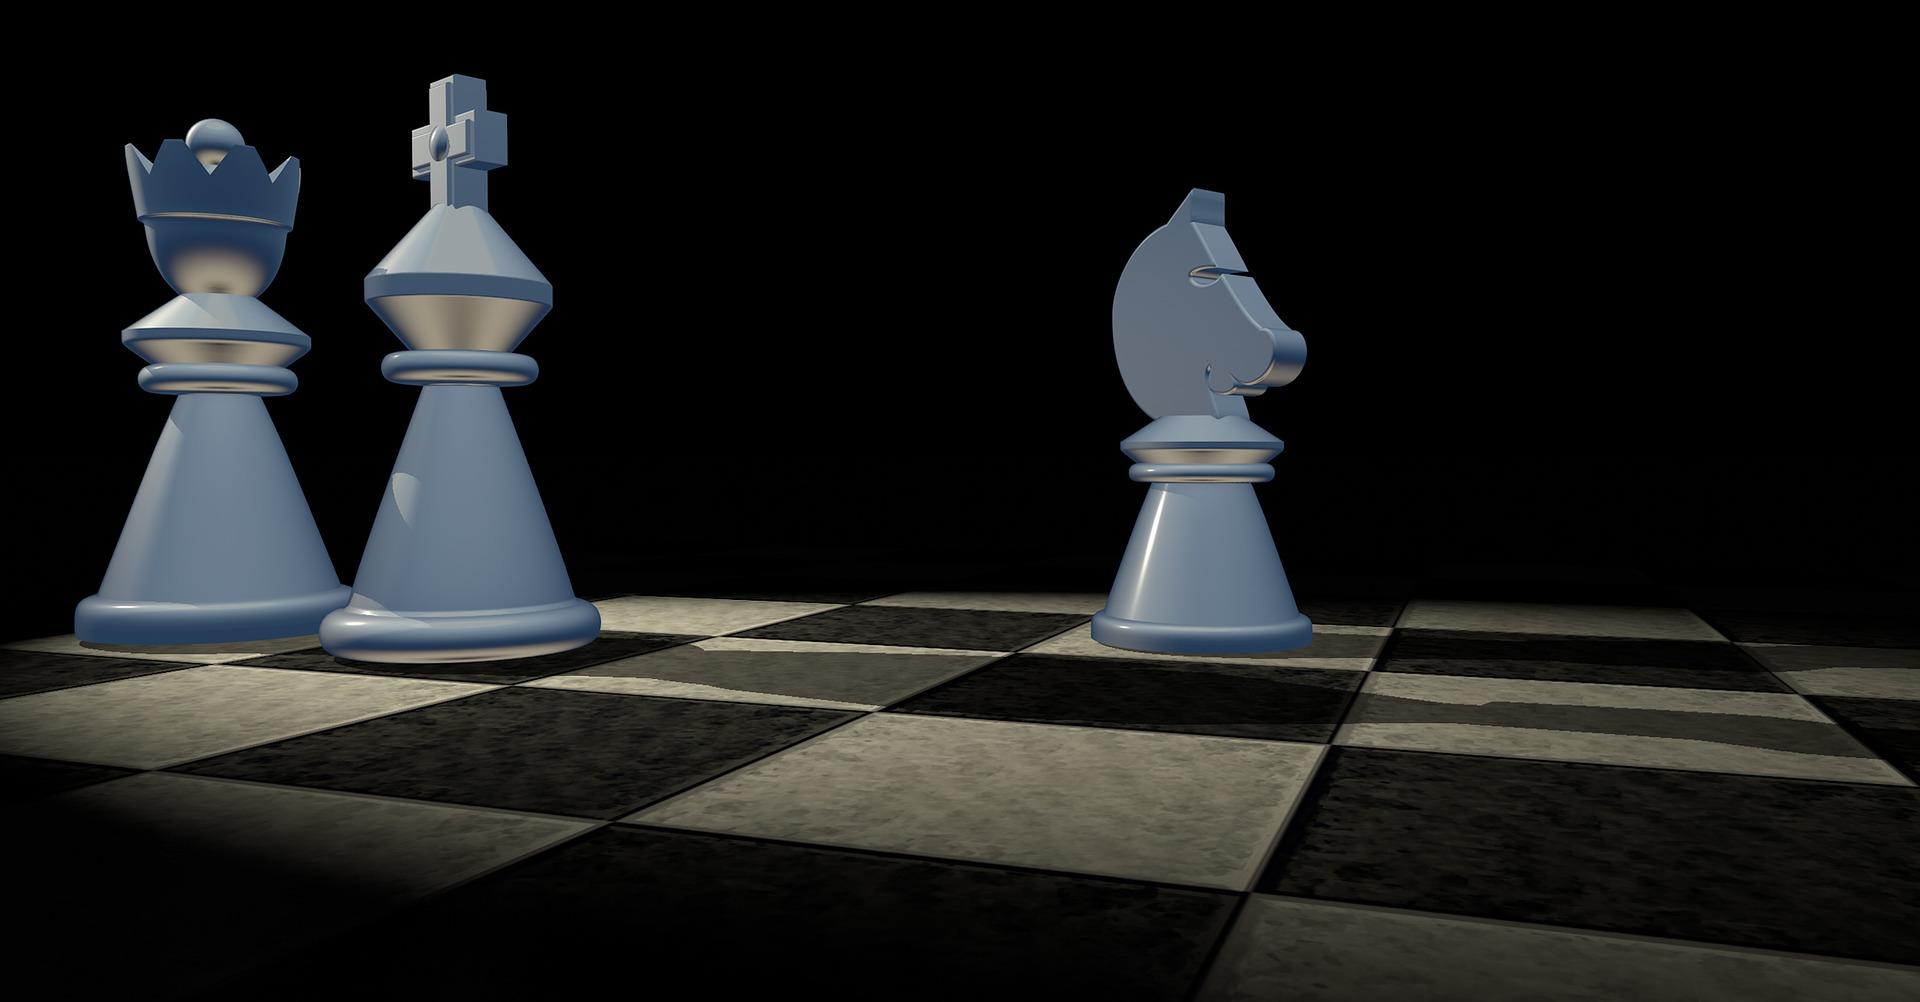 król, hetman, skoczek, szachy dla dzieci, grafika, figury szachowe, szachownica,